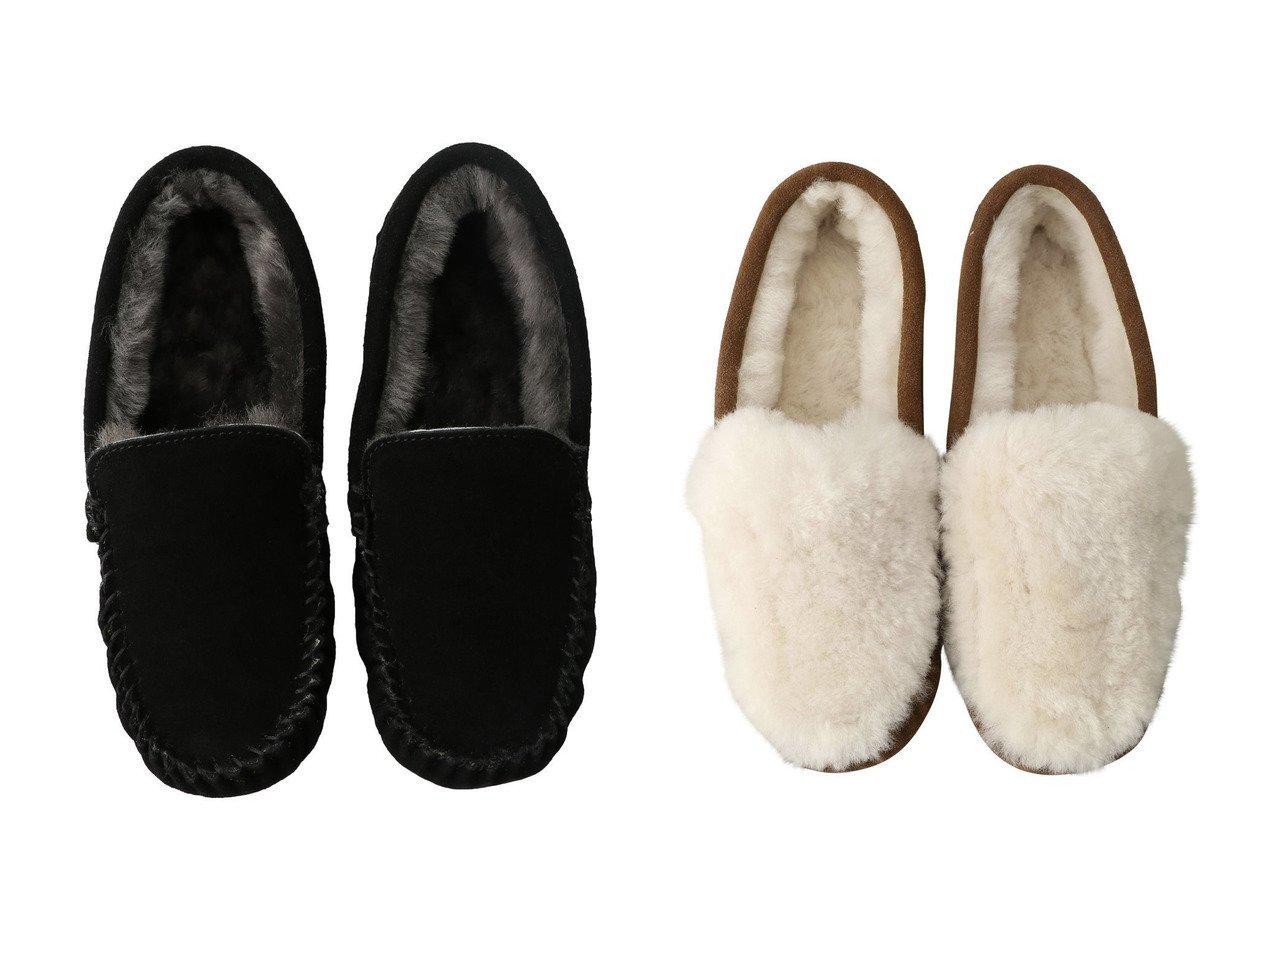 【EMU Australia/エミュ オーストラリア】のCairns モカシン&Cairns Reverse Fur モカシン シューズ・靴のおすすめ!人気、レディースファッションの通販  おすすめで人気のファッション通販商品 インテリア・家具・キッズファッション・メンズファッション・レディースファッション・服の通販 founy(ファニー) https://founy.com/ ファッション Fashion レディース WOMEN シューズ シンプル スエード フラット |ID:crp329100000000105